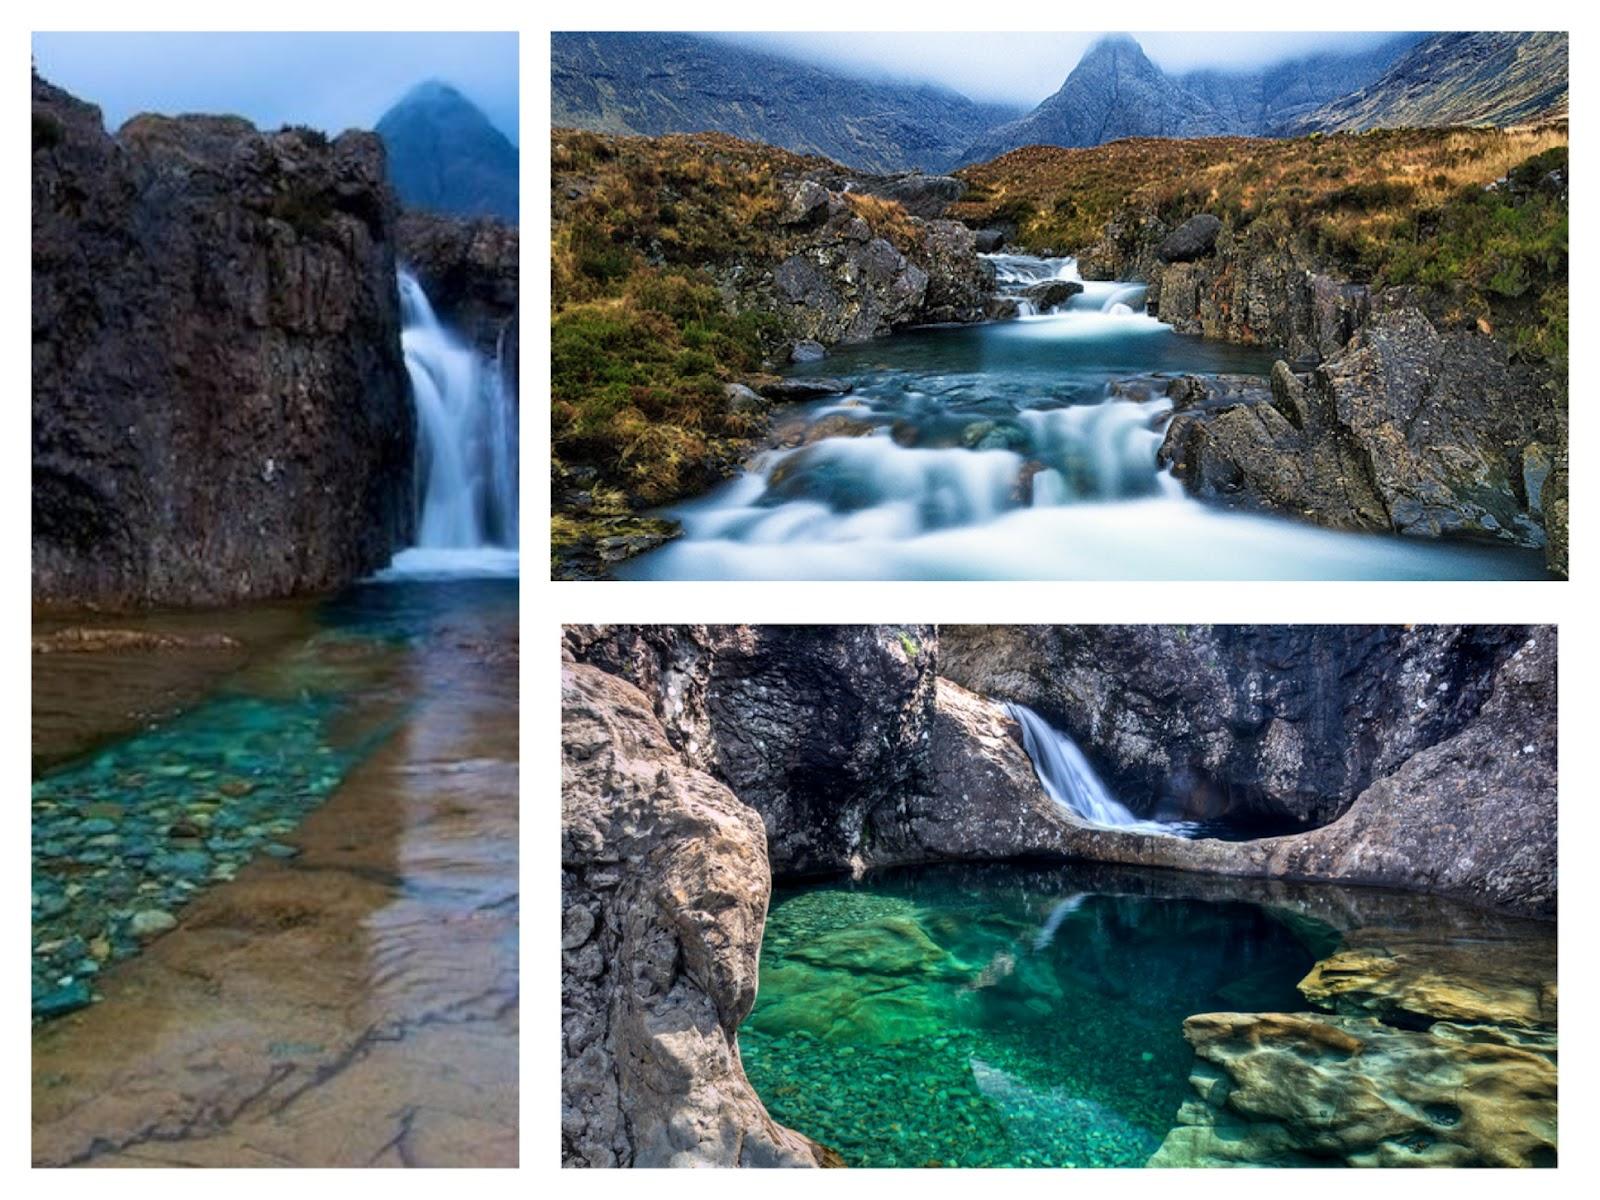 The fairy pools on Isle